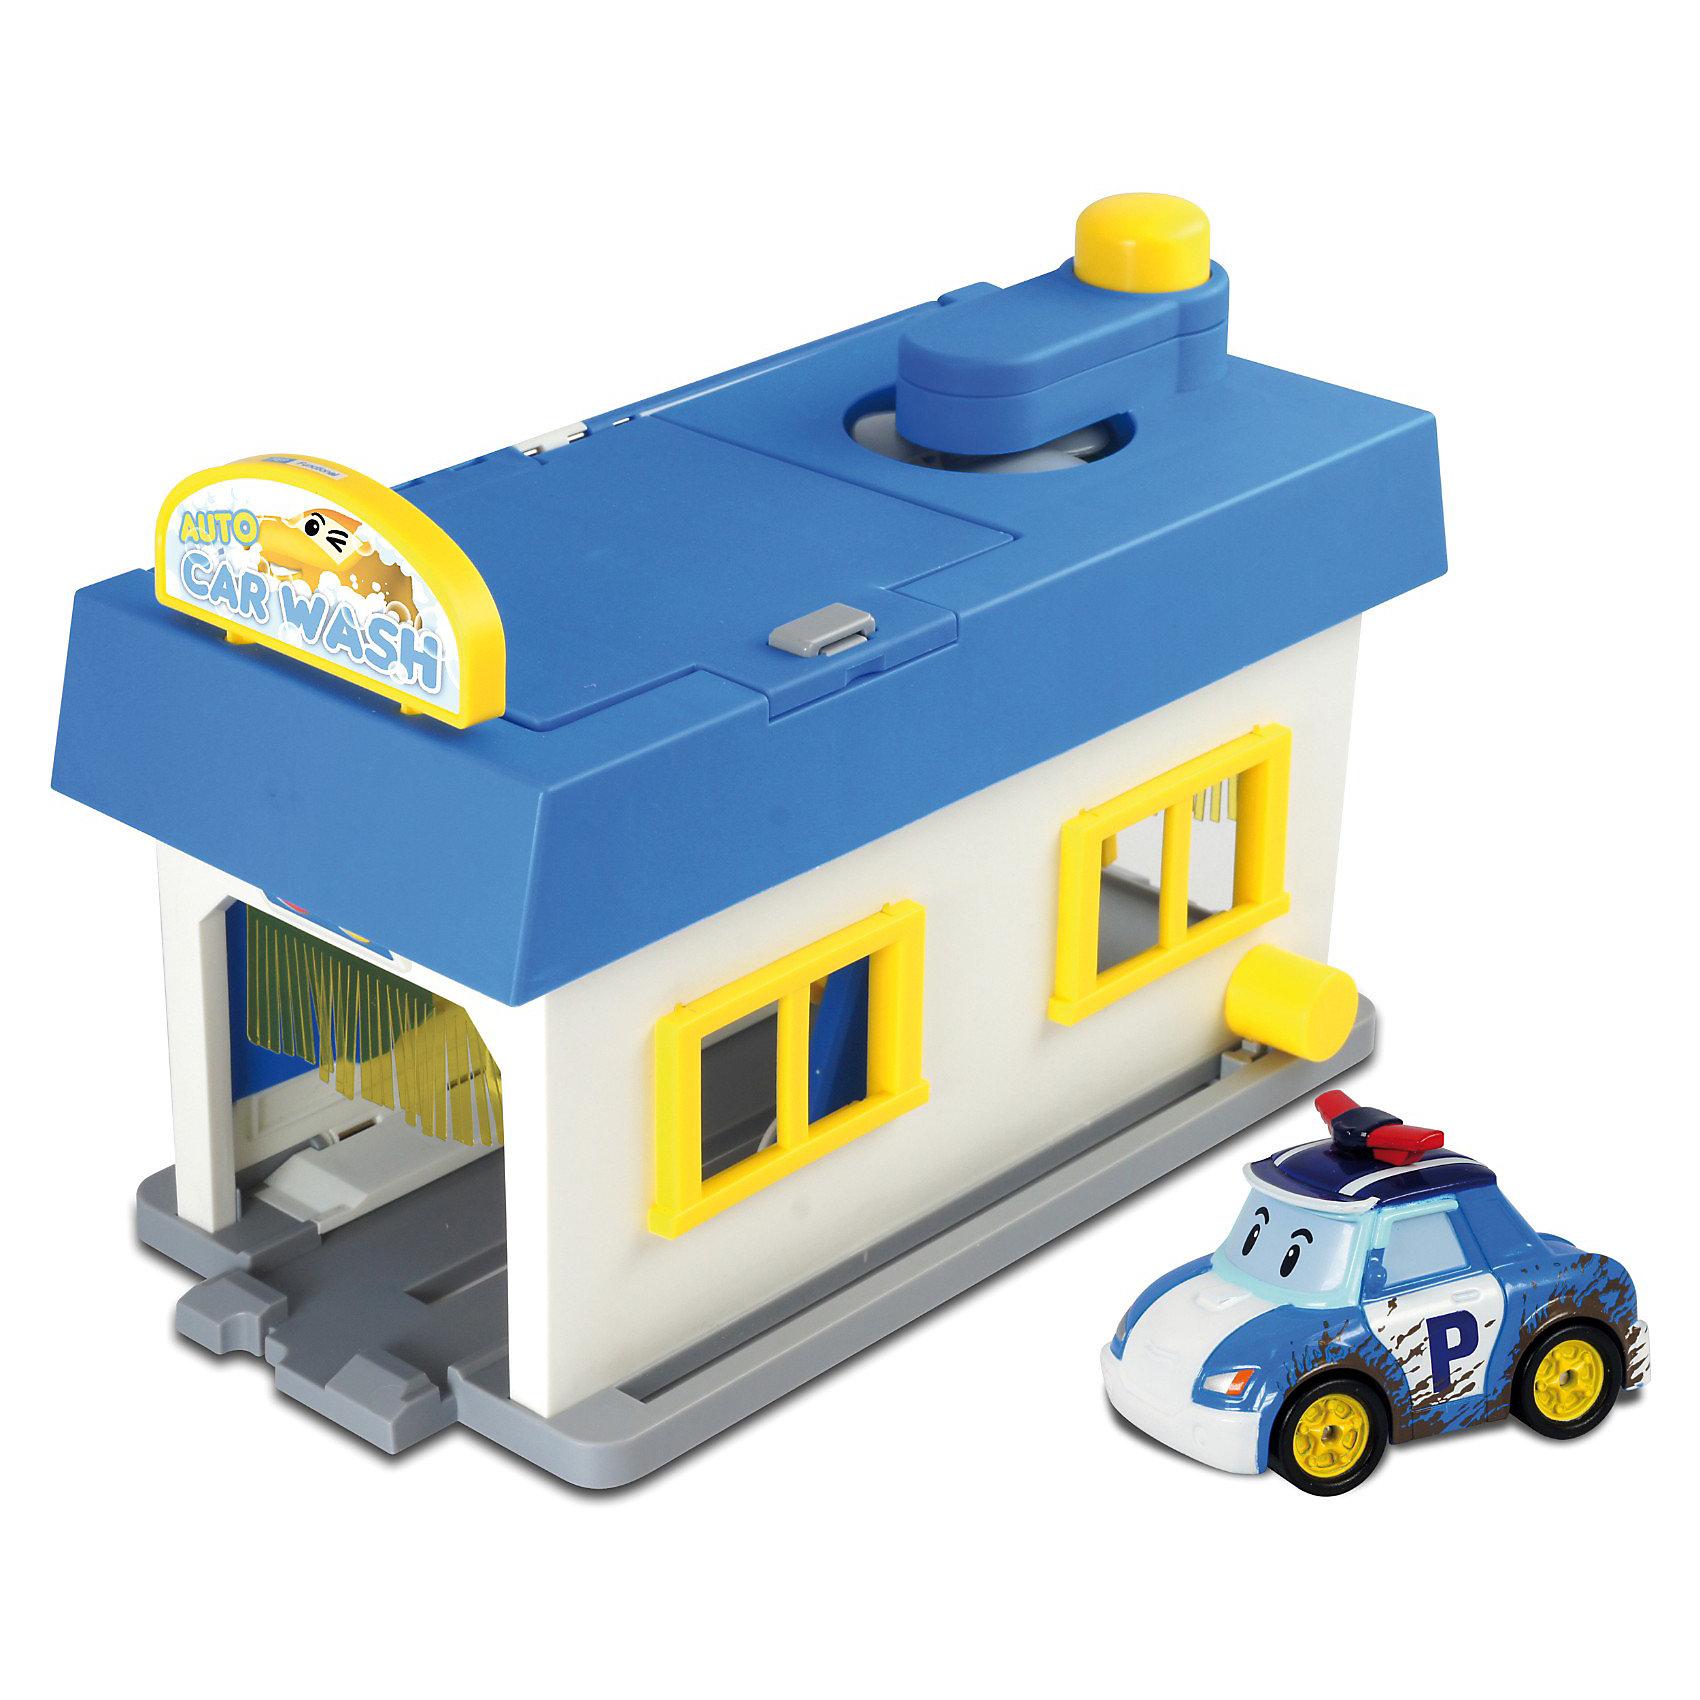 Игровой набор Мойка, Робокар ПолиНабор Мойка Робокар Поли (Robocar Poli)- это уникальный реалистичный комплекс-трансформер: при желании он легко превращается из автомойки в гараж! Мойка максимально оборудована: есть специальные валики, чтобы помыть машину, вентилятор для сушки и даже специальный подъемник для техосмотра машины.  Валики на автомойке крутятся, а если нажать на специальную кнопку - вращается специальный вентилятор, позволяющий просушить машинку после мойки. Весь автомоечный комплекс легко складывается и получается небольшой гараж. В комплект также входит полицейская машинка Поли (металлическая). Этот набор, также как игрушки по мотивам сериала Robocar Poli (Робокар Поли), способствуют развитию фантазии и воображения ребенка, логики и мелкой моторики рук. Набор идеально подходит для ситуативных игр по мотивам мультсериала и собственных фантазий малыша. <br>Пусть малыш с детства стремится стать хорошим водителем!<br><br>Дополнительная информация:<br><br>- идеальный подарок для мальчика;<br>- развивает воображение;<br>- машинка - герой любимого мультика;<br>- комплектация: металлическая полицейская машинка Поли (Poli) (6 см) с имитацией грязи по бокам, станция мойки, аксессуары: деревья, дорожные знаки;<br>- материал: металл, пластик;<br>- вес: 2,268 кг;<br>- размер мойки: 53 х 50см;<br>- размер упаковки: 31 х 43 х 16 см.<br><br>Игровой набор Мойка Робокар Поли (Robocar Poli) Вы можете приобрести в нашем интернет-магазине<br><br>Ширина мм: 430<br>Глубина мм: 155<br>Высота мм: 305<br>Вес г: 1600<br>Возраст от месяцев: 36<br>Возраст до месяцев: 66<br>Пол: Мужской<br>Возраст: Детский<br>SKU: 3526761